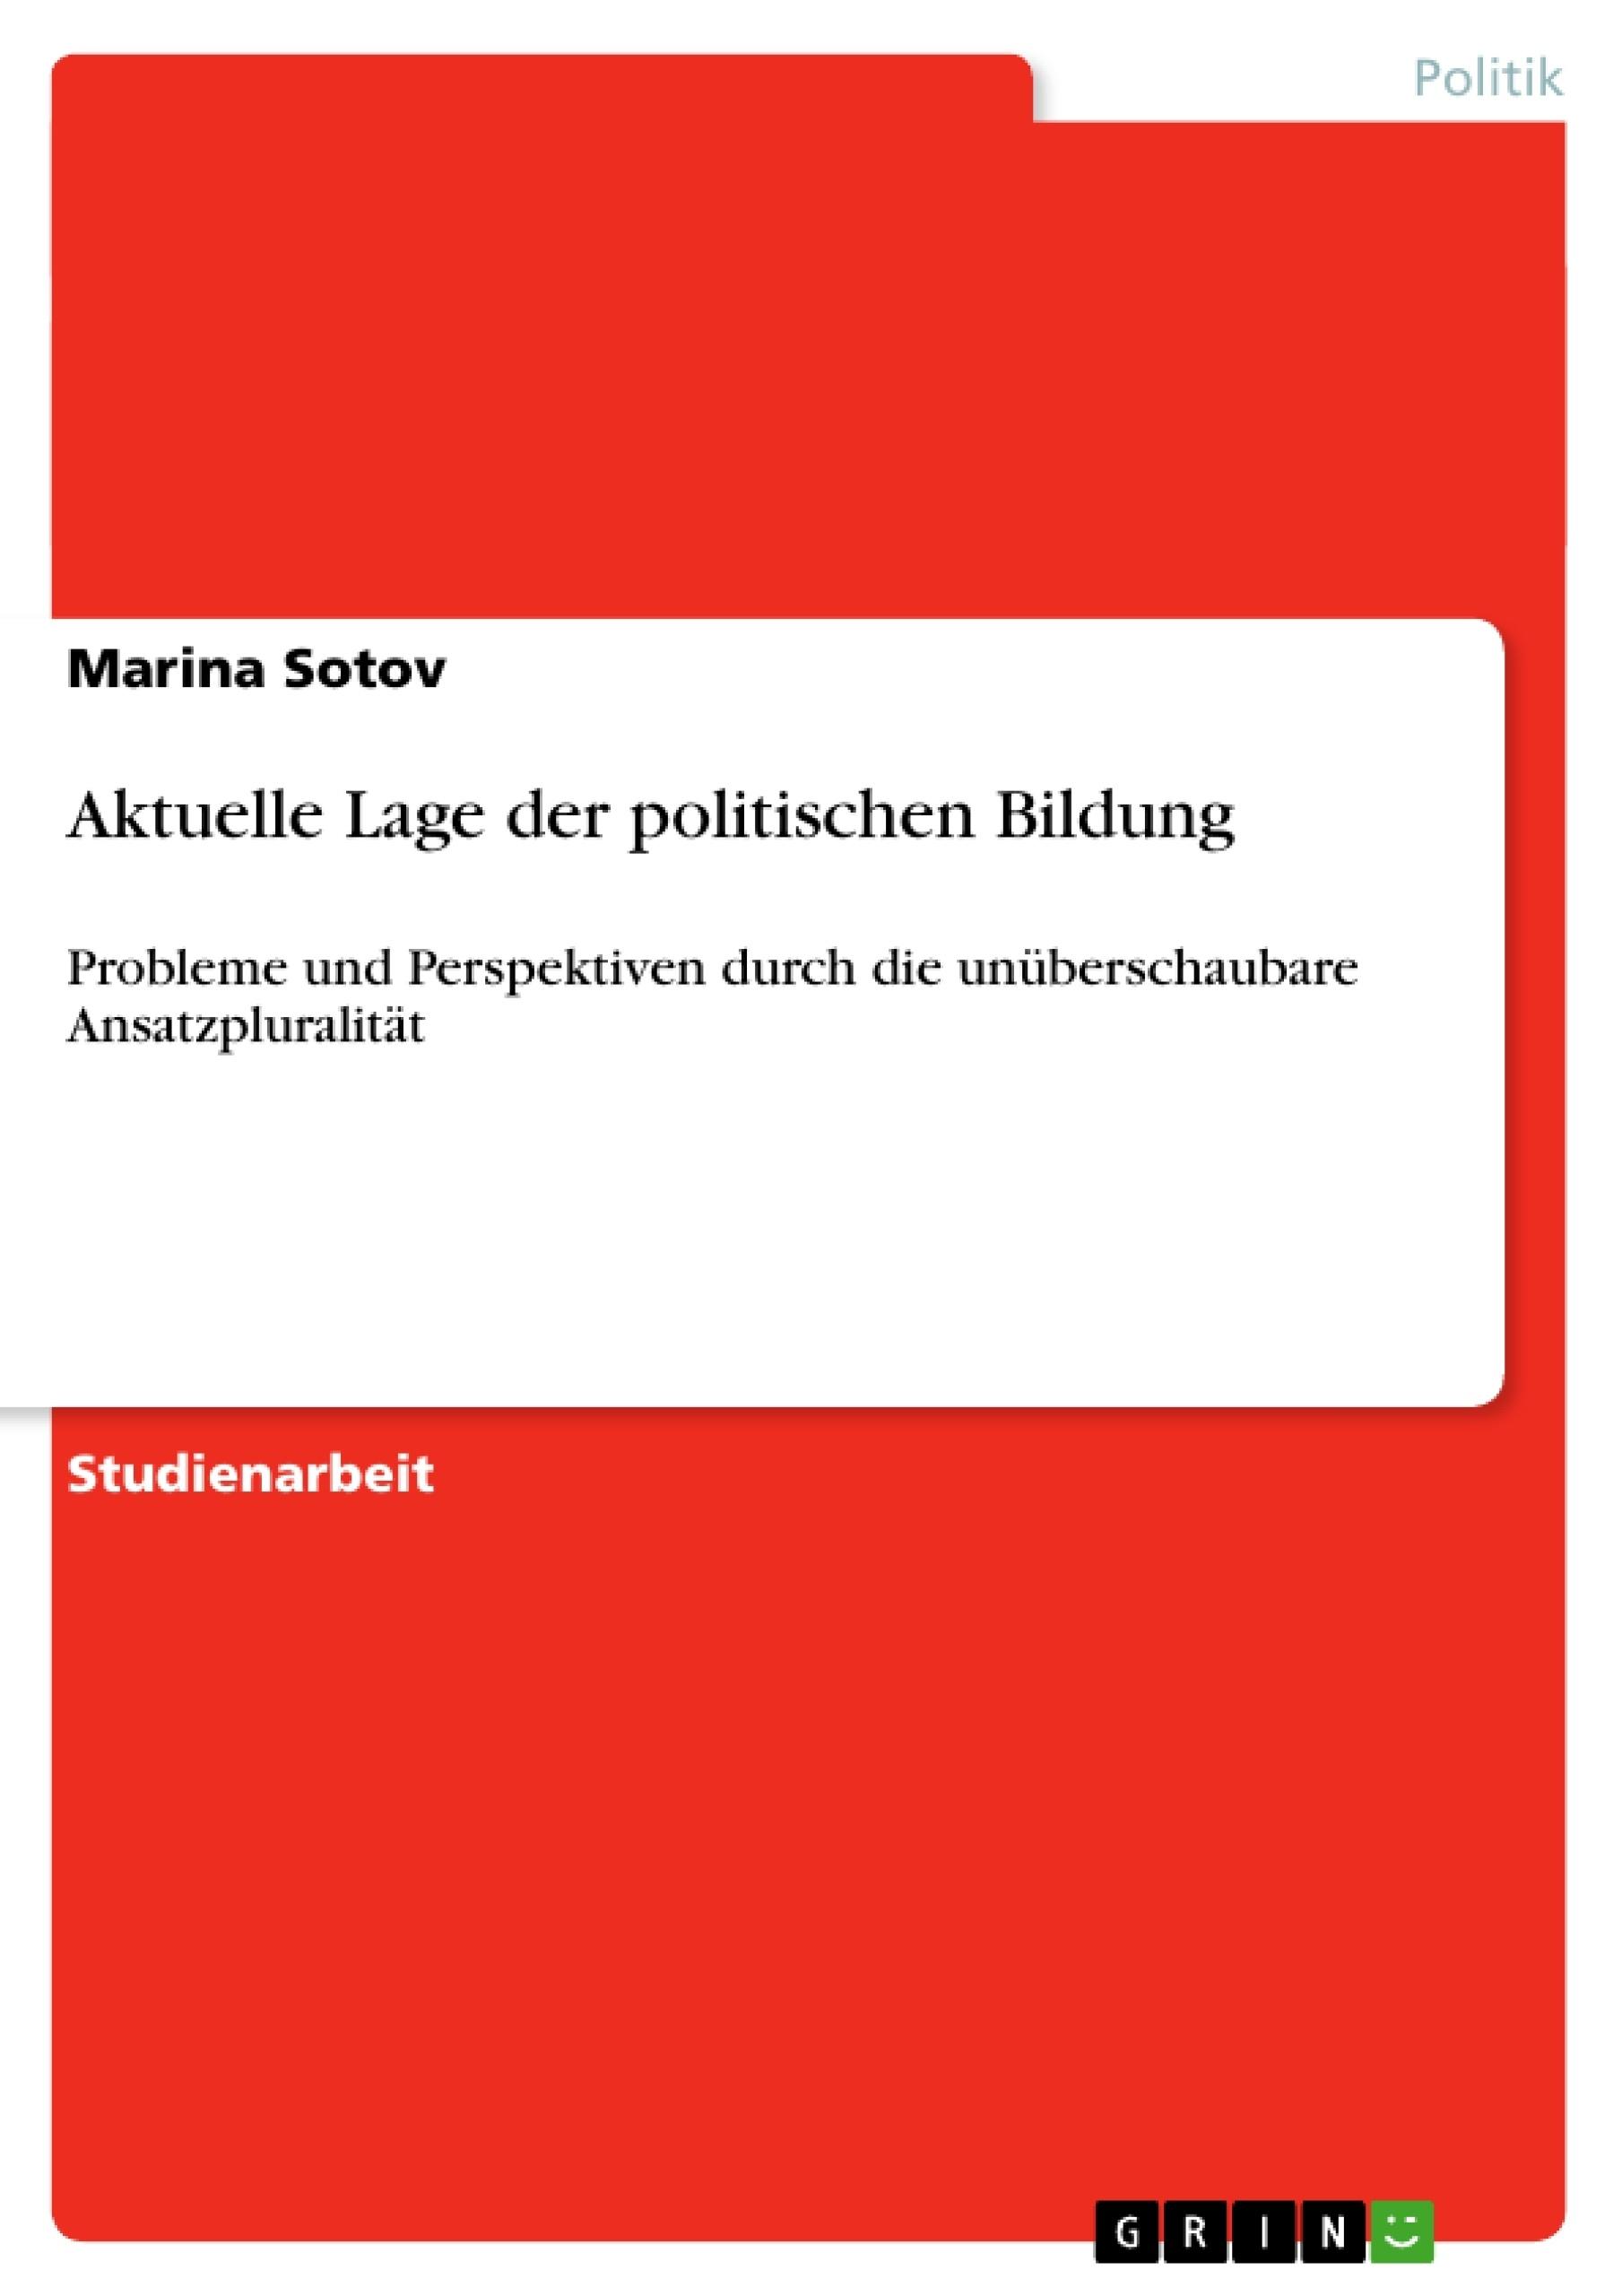 Titel: Aktuelle Lage der politischen Bildung